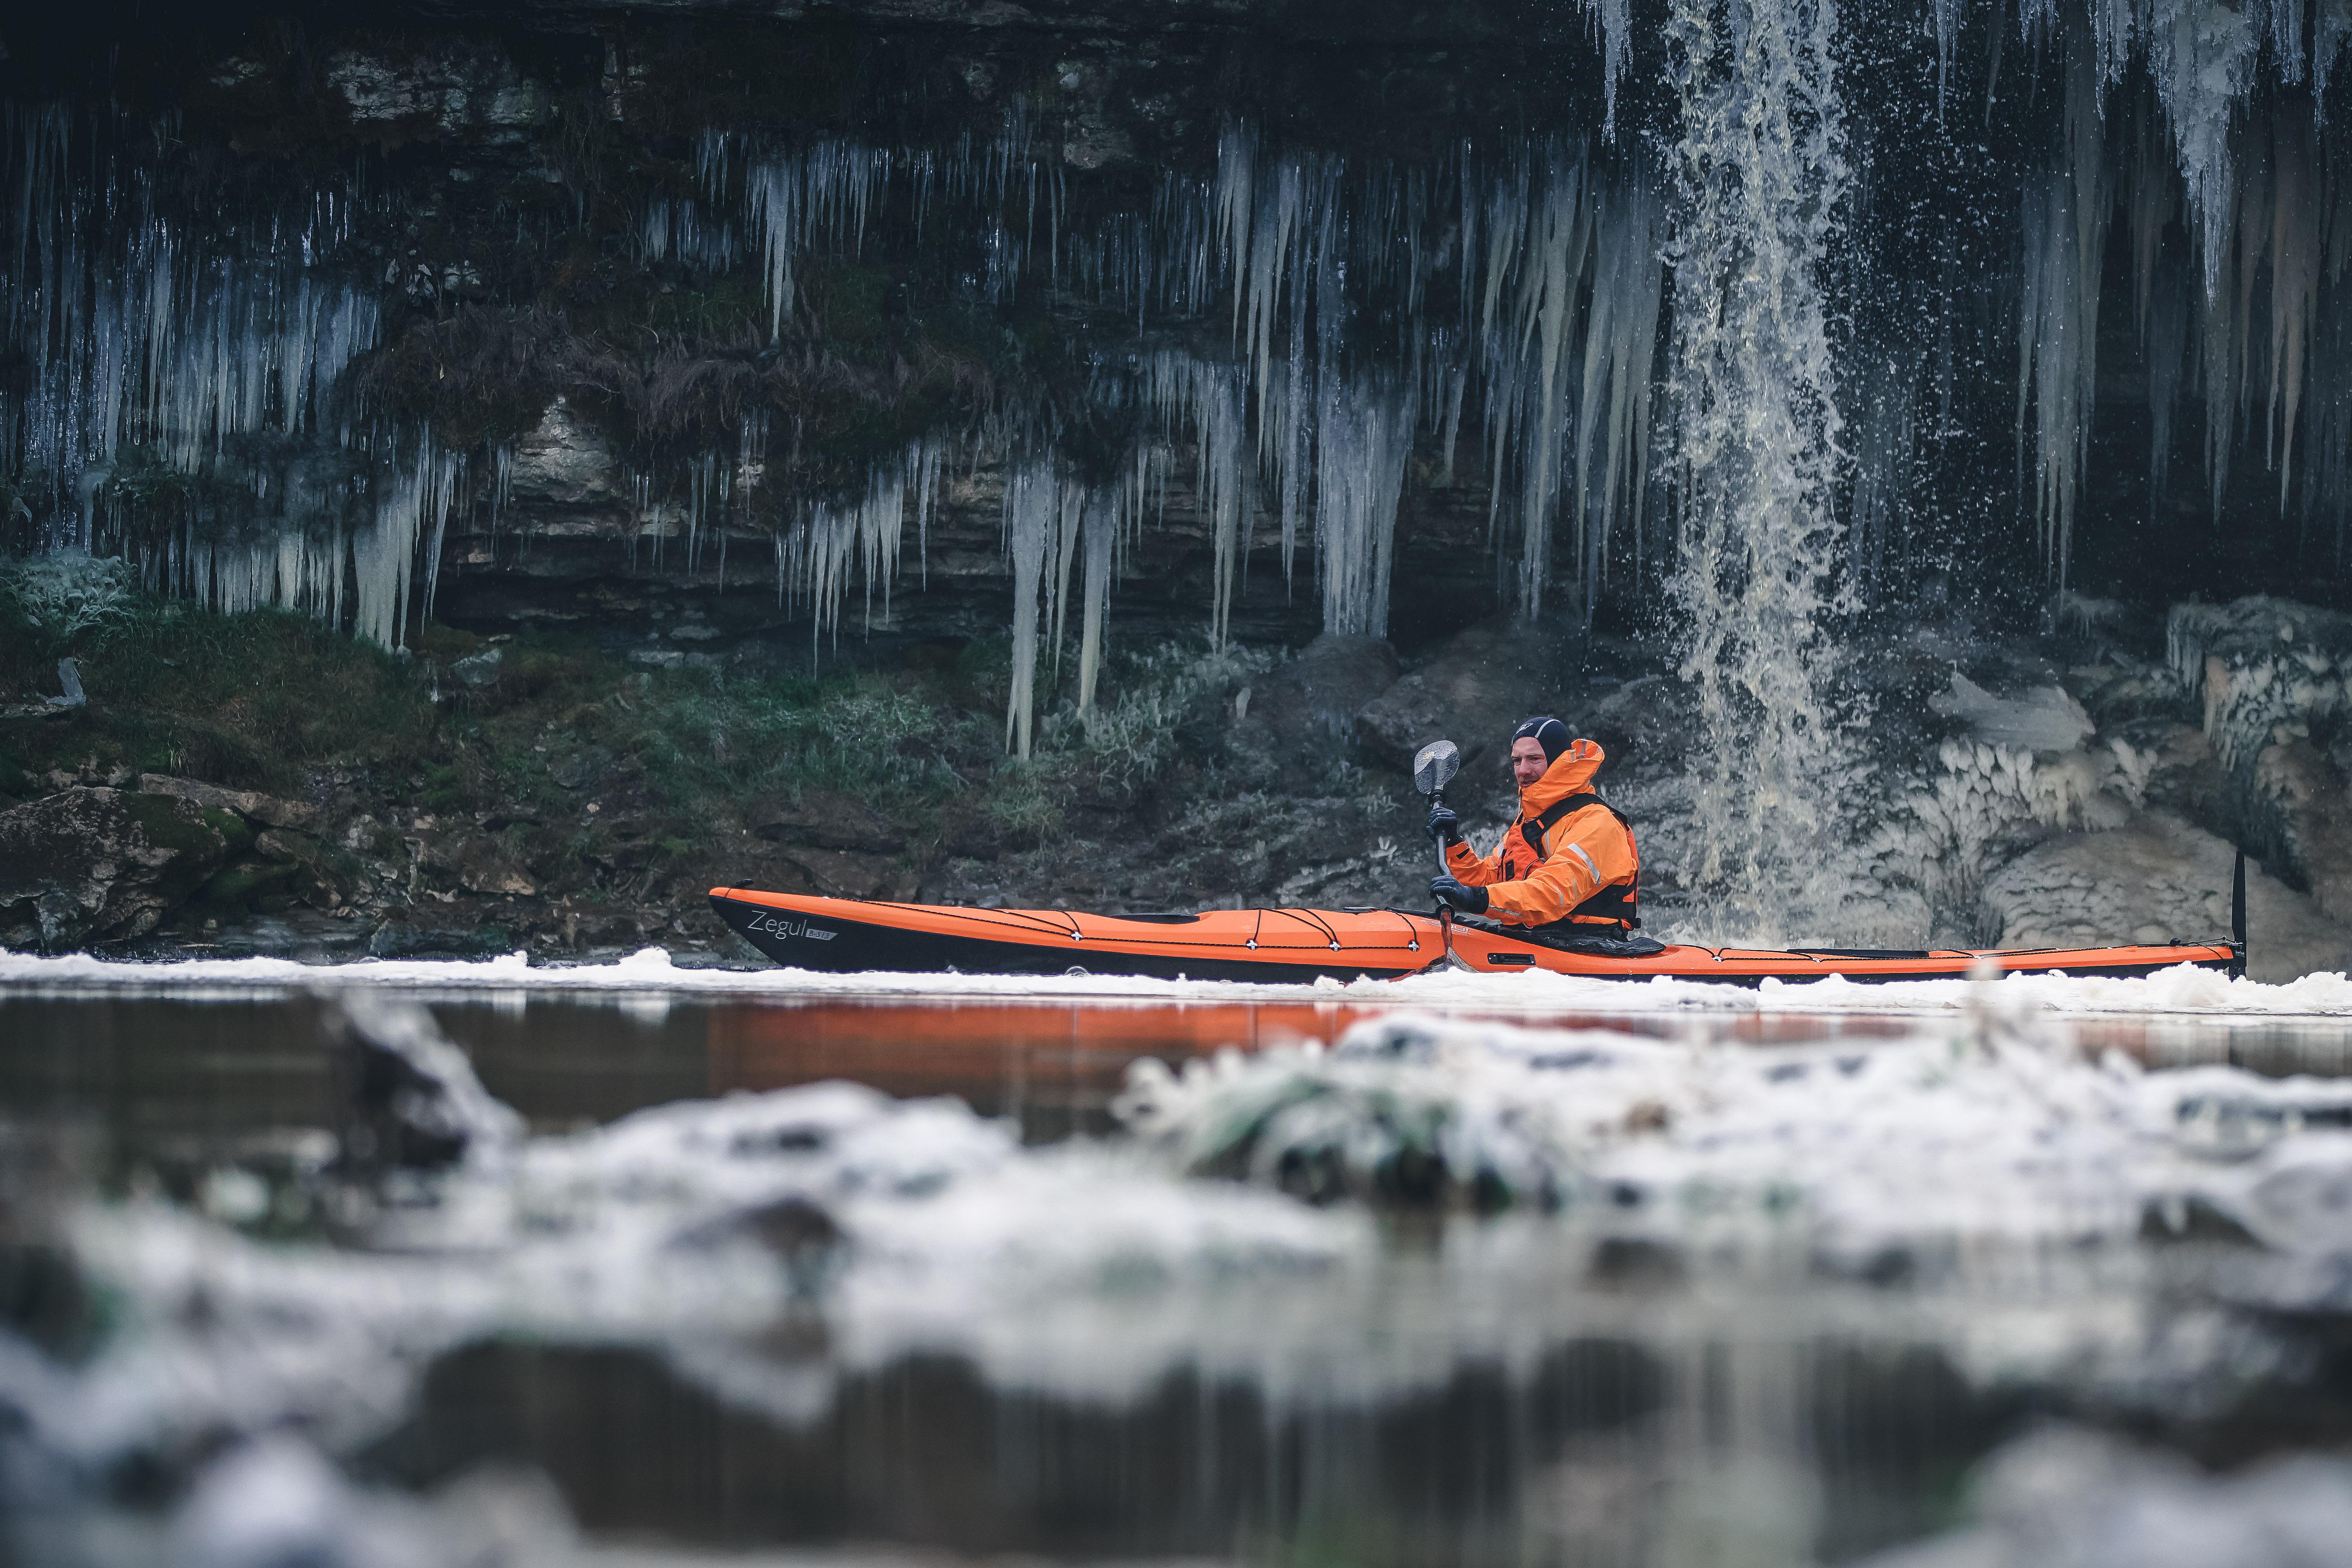 Kayaks: Zegul B-513 by Tahe Outdoors - Image 4258